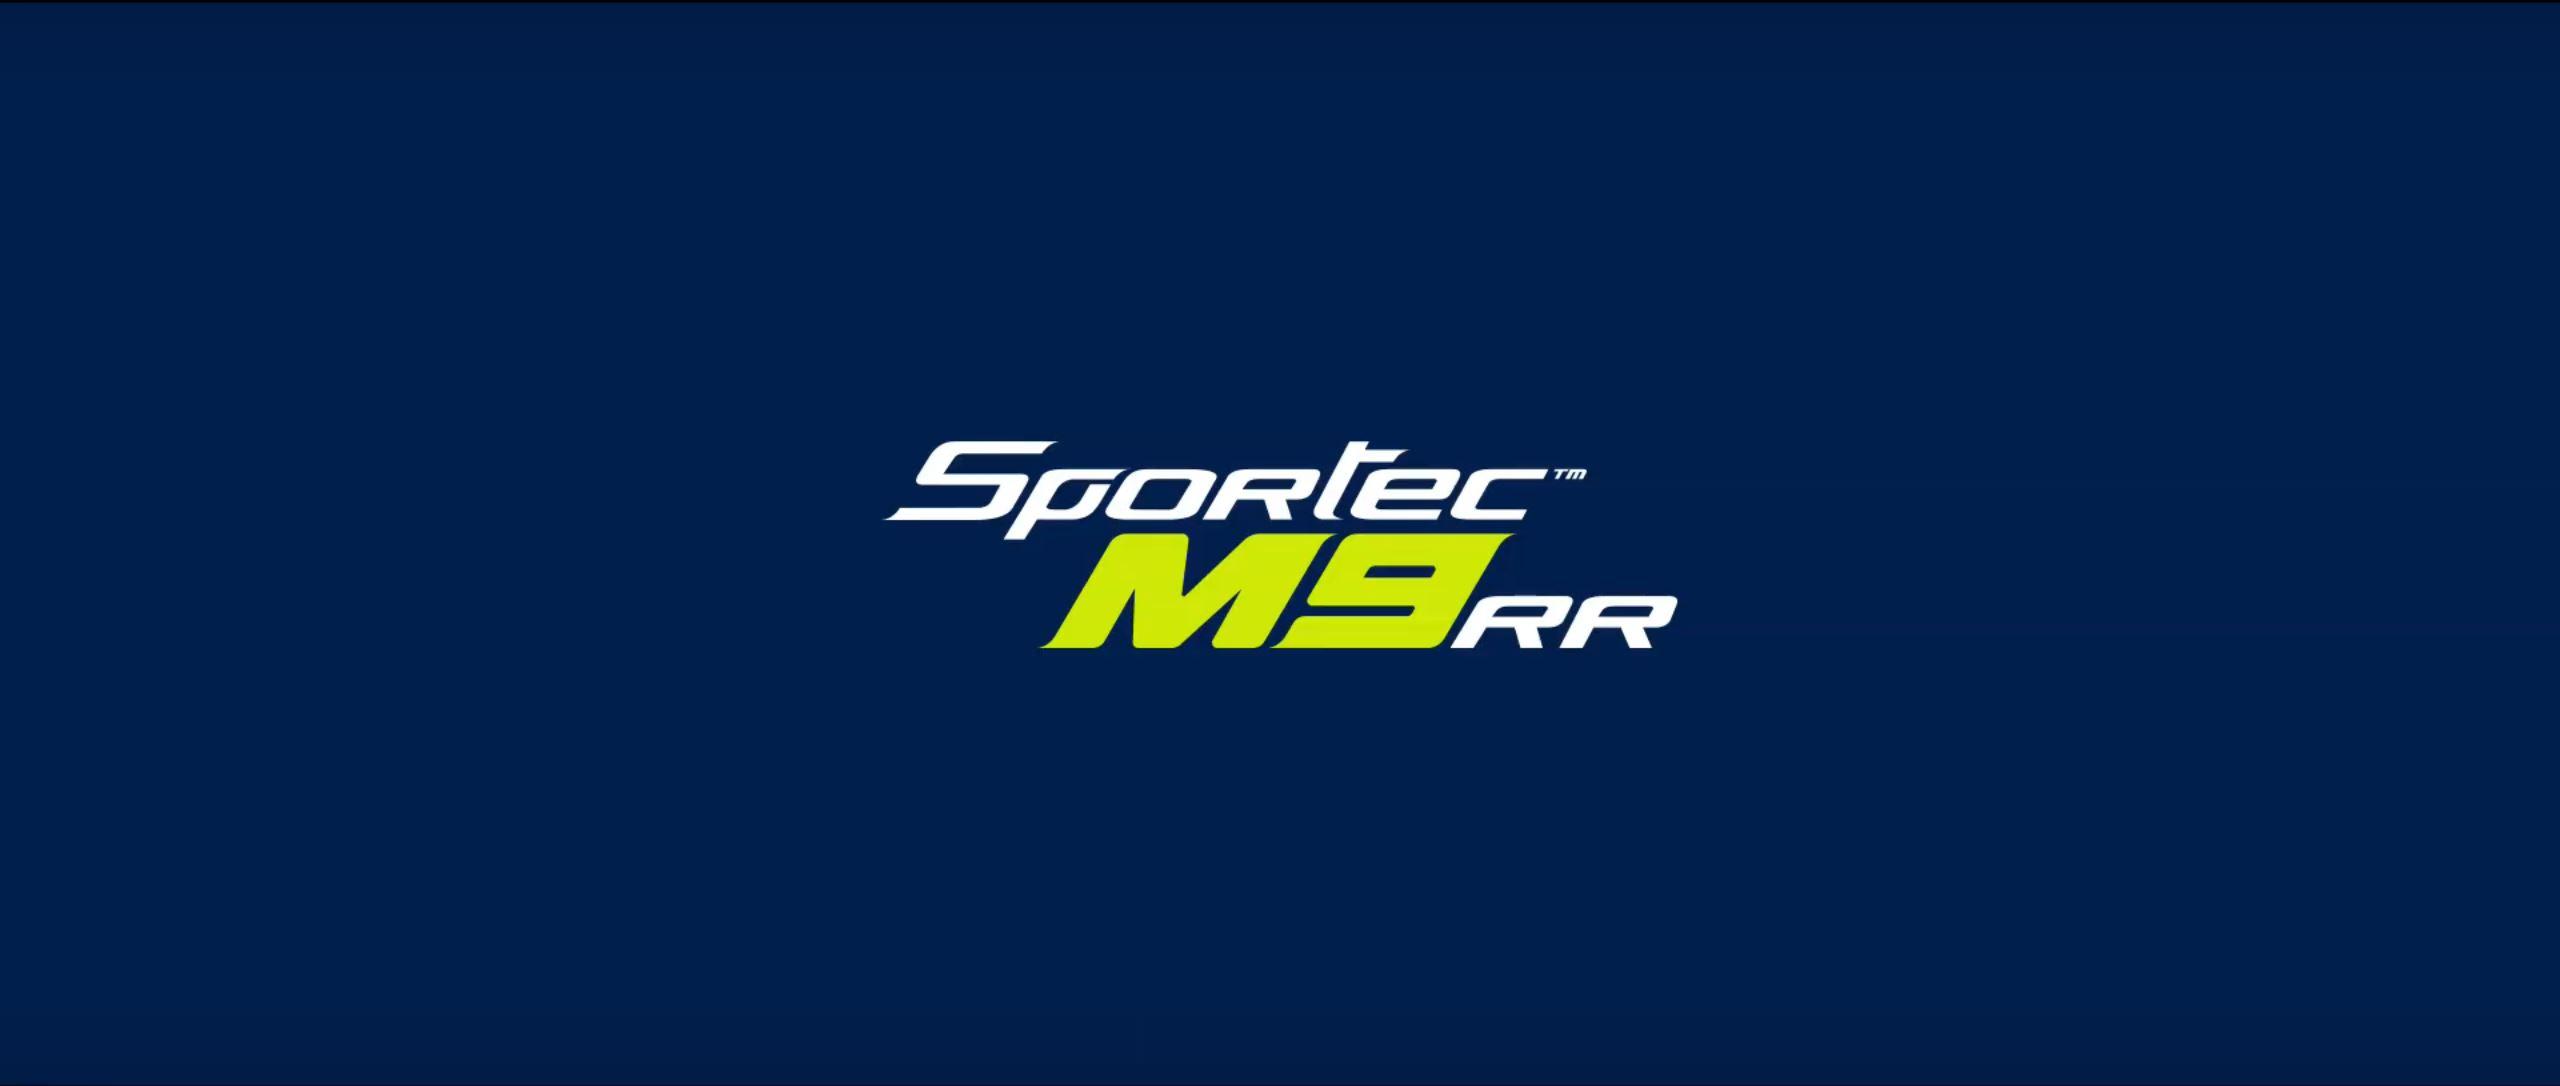 Metzeler Sportec M9 RR vorgestellt